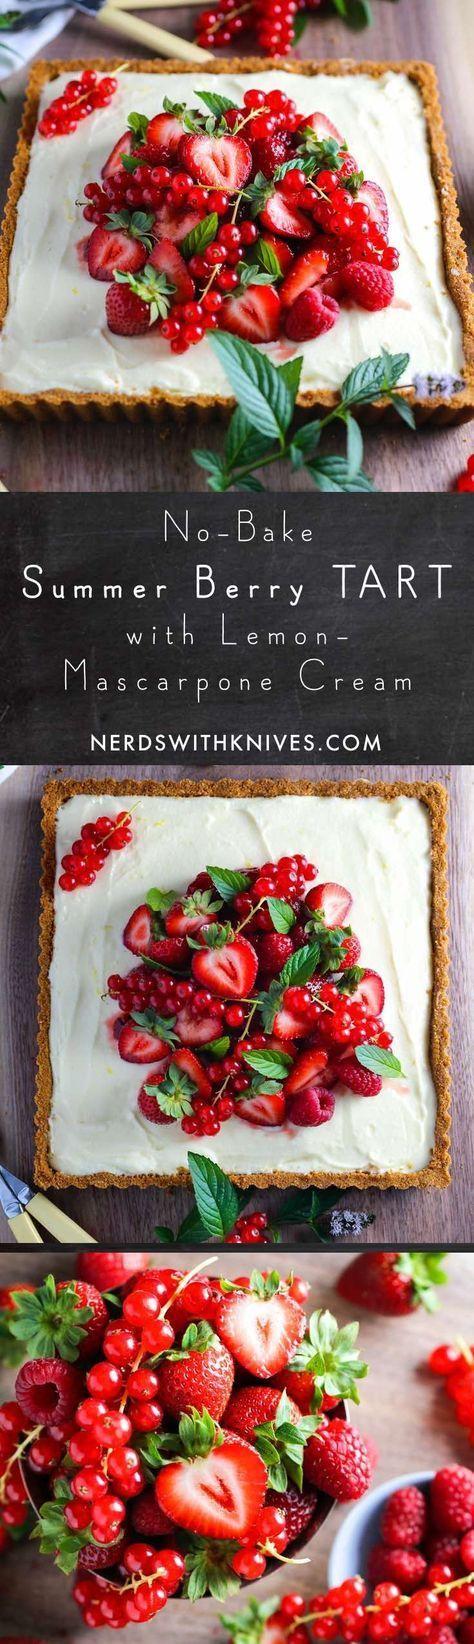 Summer Berry Tart with Lemon Mascarpone Cream : nerdswithknives